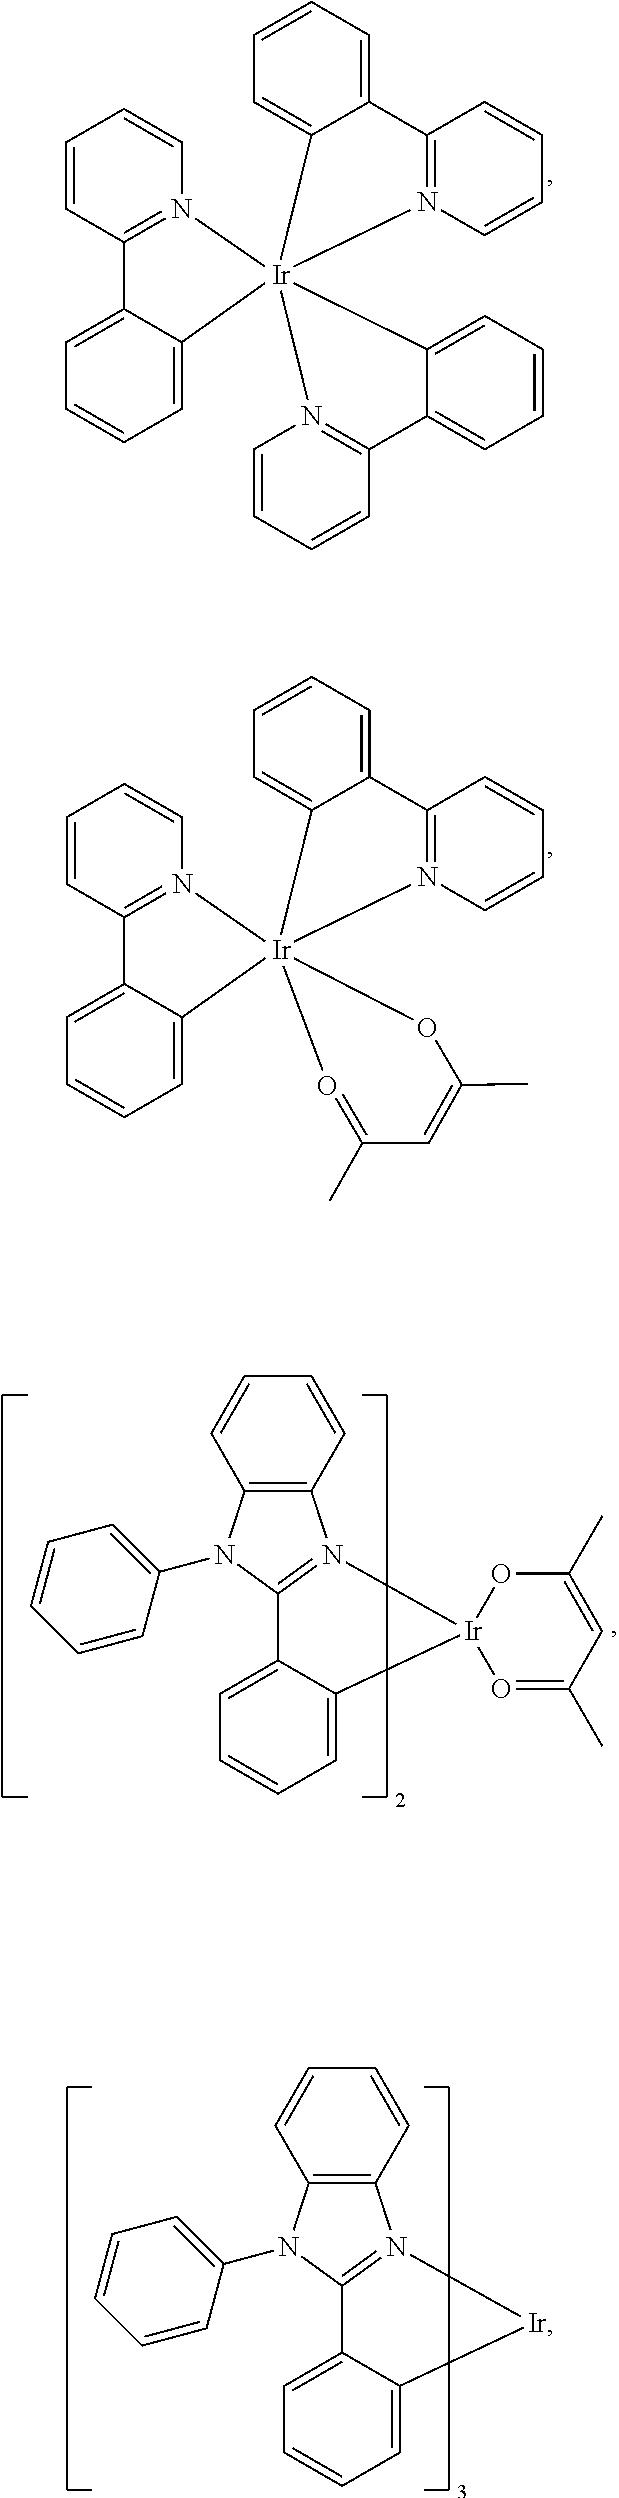 Figure US09455411-20160927-C00203